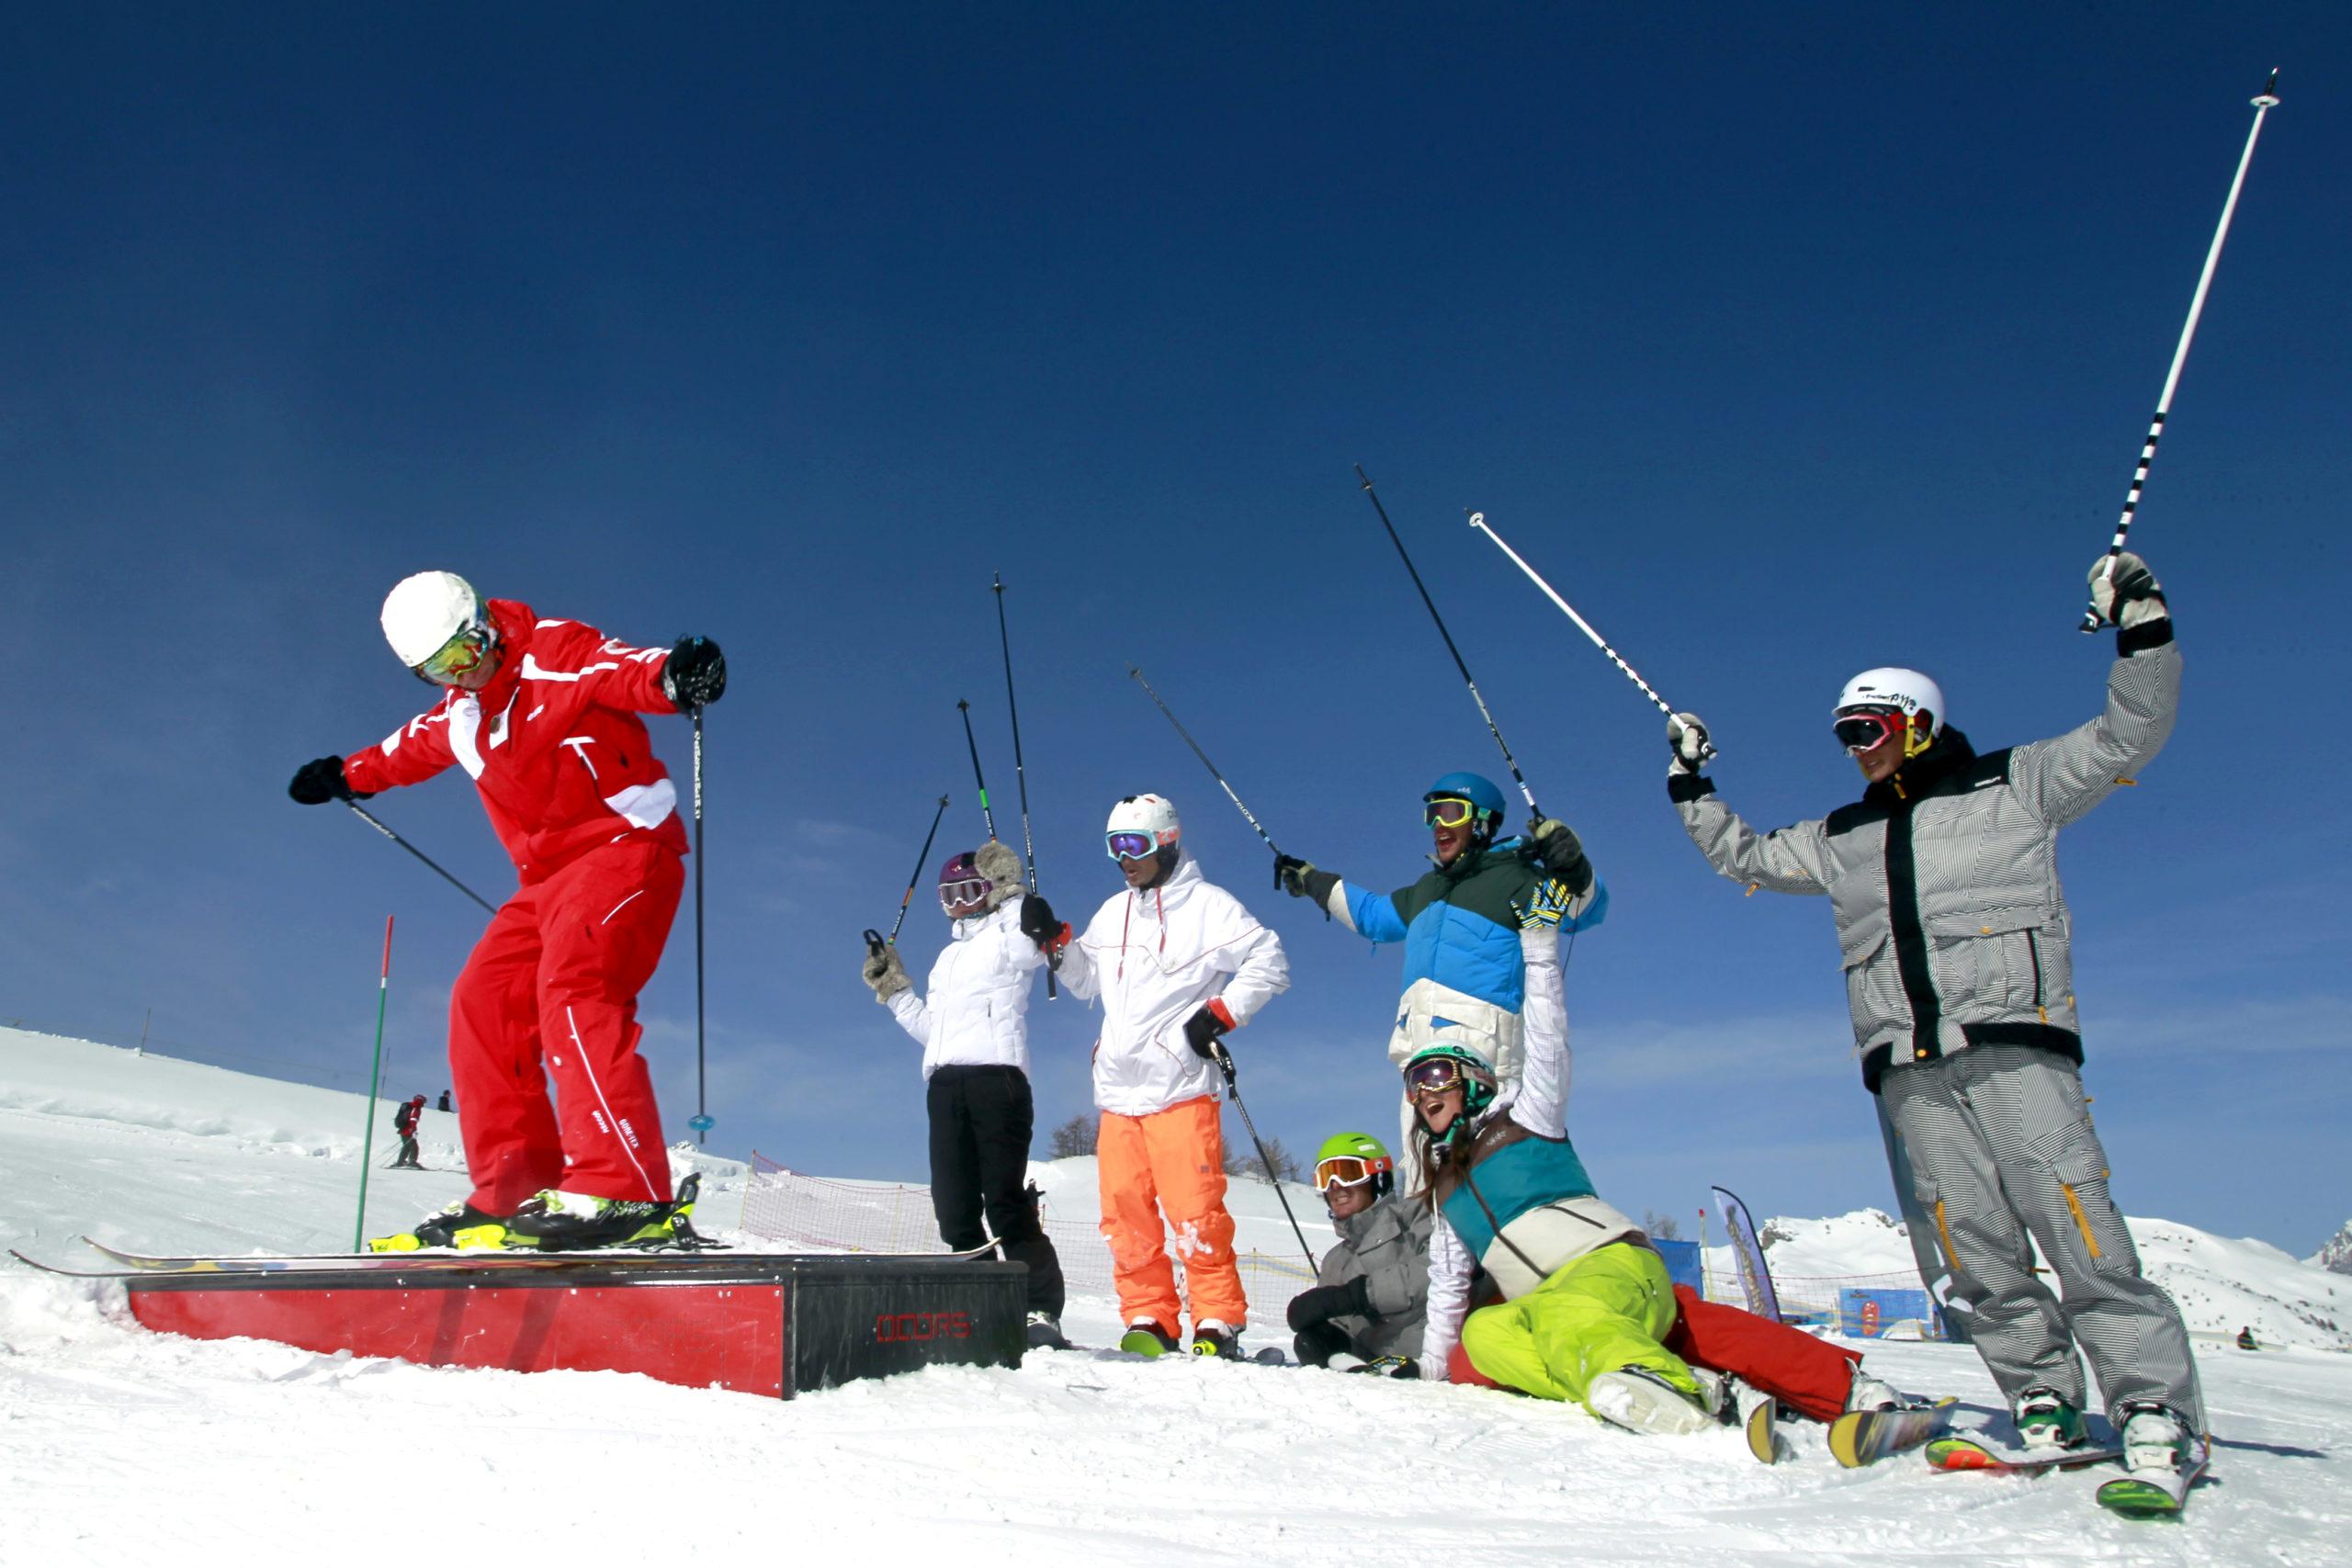 Ecole_du_ski_Français_Alpe_Huez